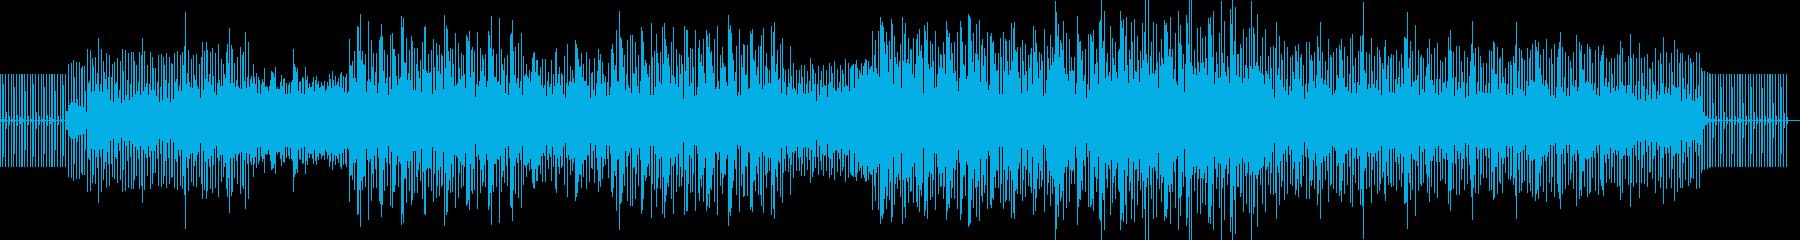 エレクトロニックの再生済みの波形